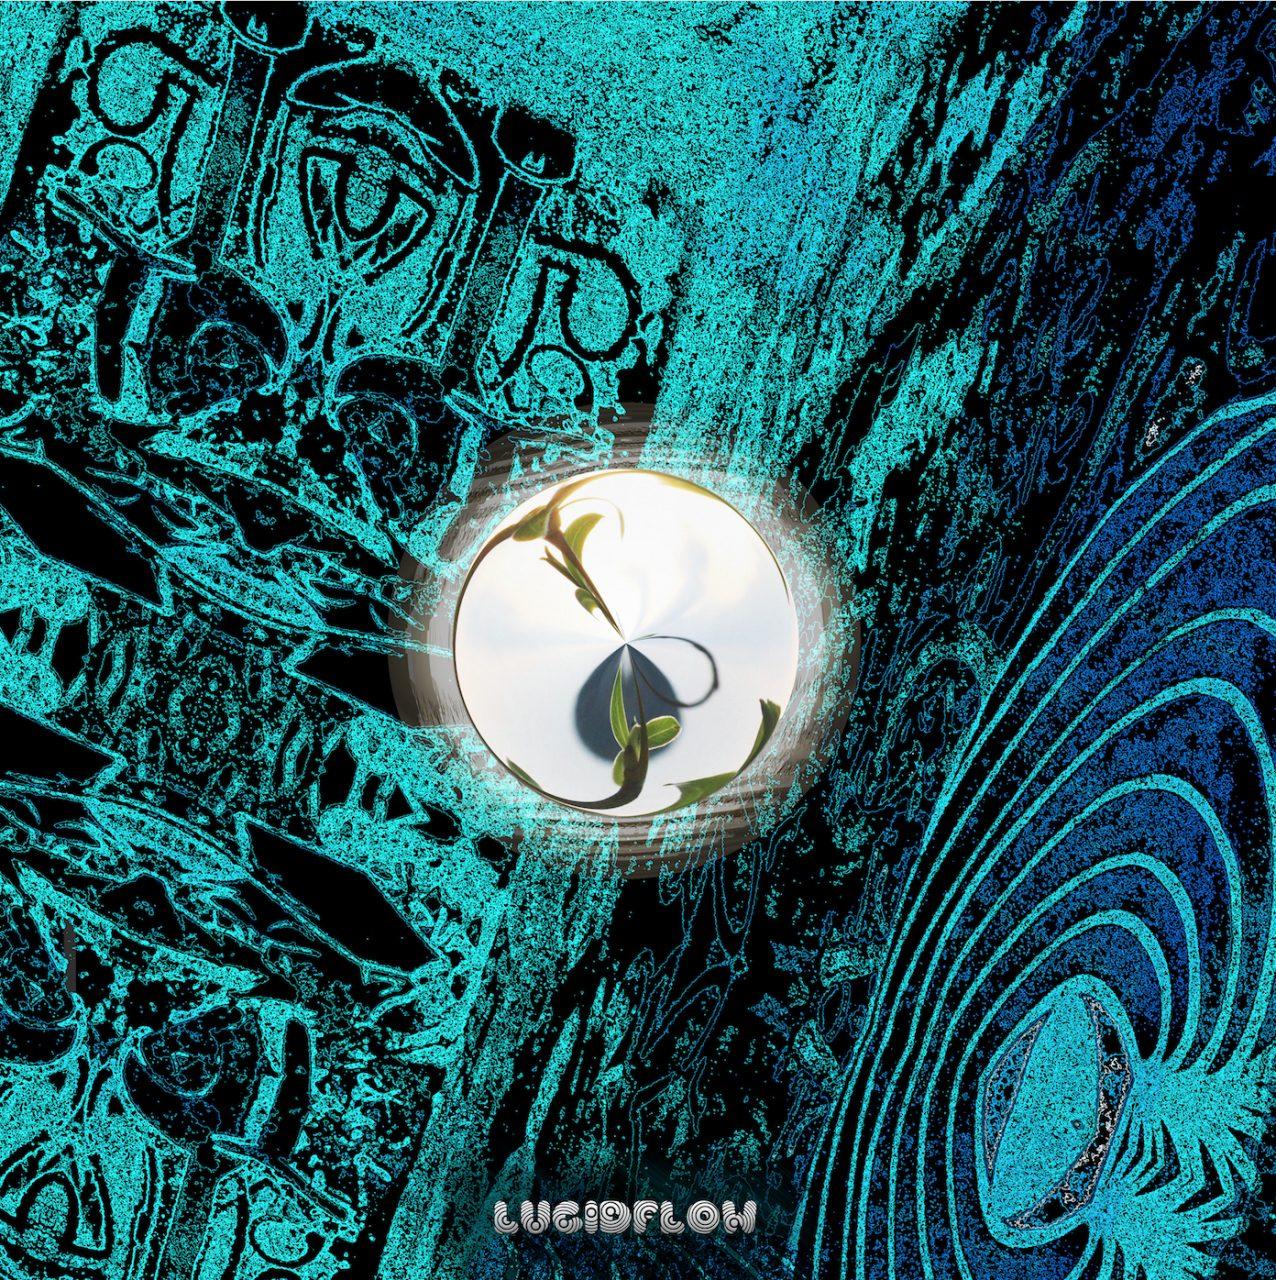 10 YEARS Lucidflow (12″ Vinyl) 15.4. presale deejay.de